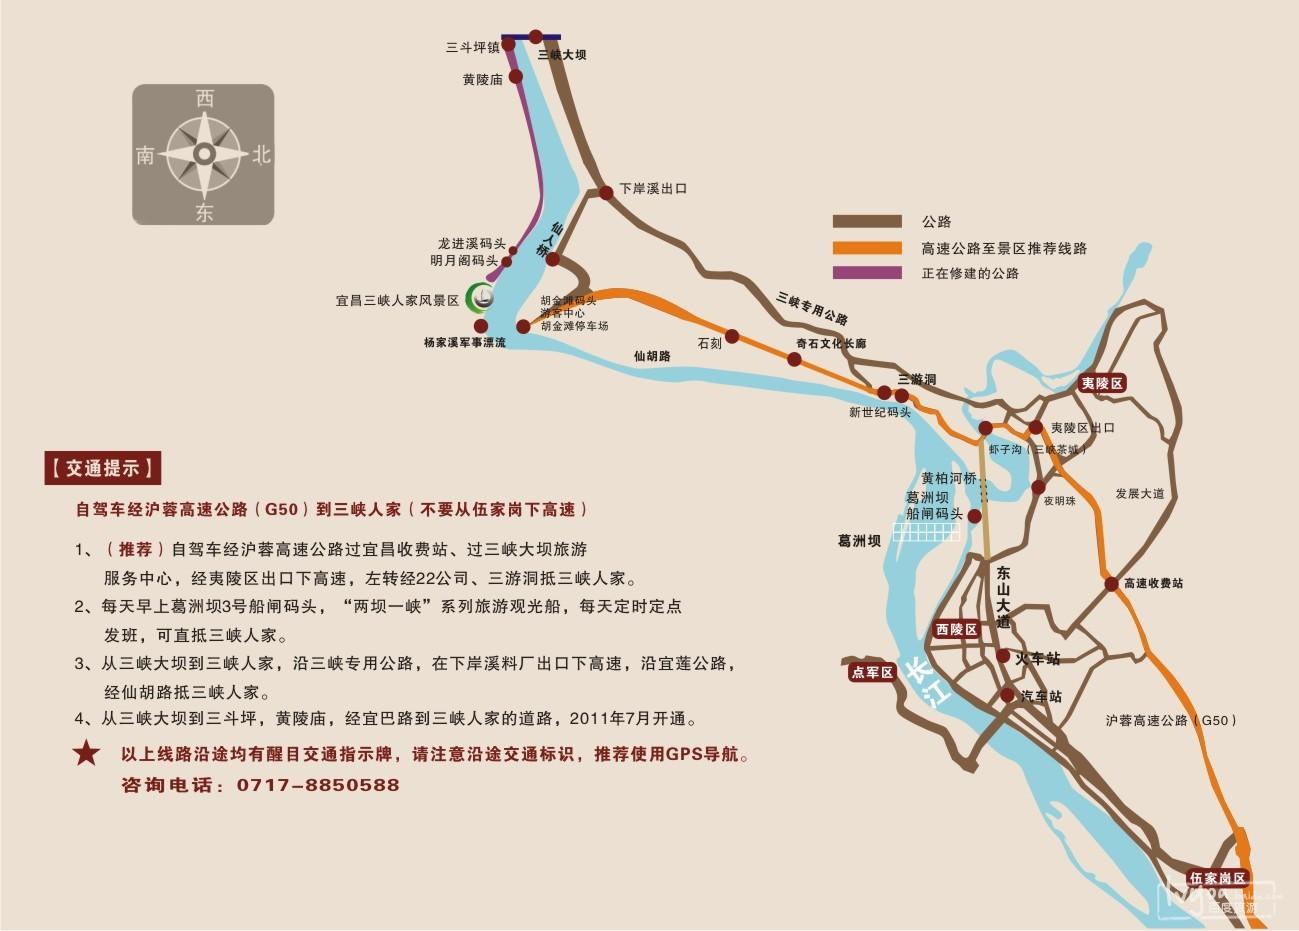 长江三峡工程坛子岭旅游区是三峡坝区最早开发的景区,于1997年正式开始接待中外游人,因其顶端观景台形似一个倒扣的坛子而得名,该景区所在地为大坝建设勘测点,海拔262.48米,是观赏三峡工程全景的最佳位置,不仅仅能欣赏到三峡大坝的雄浑壮伟,还能观看壁立千仞的长江第四峡双向五级船闸。游玩:长江三峡工程坛子岭旅游区是三峡坝区开发最早的旅游区,位于大坝北面的长江北岸,坛子岭的海拔仅为262.